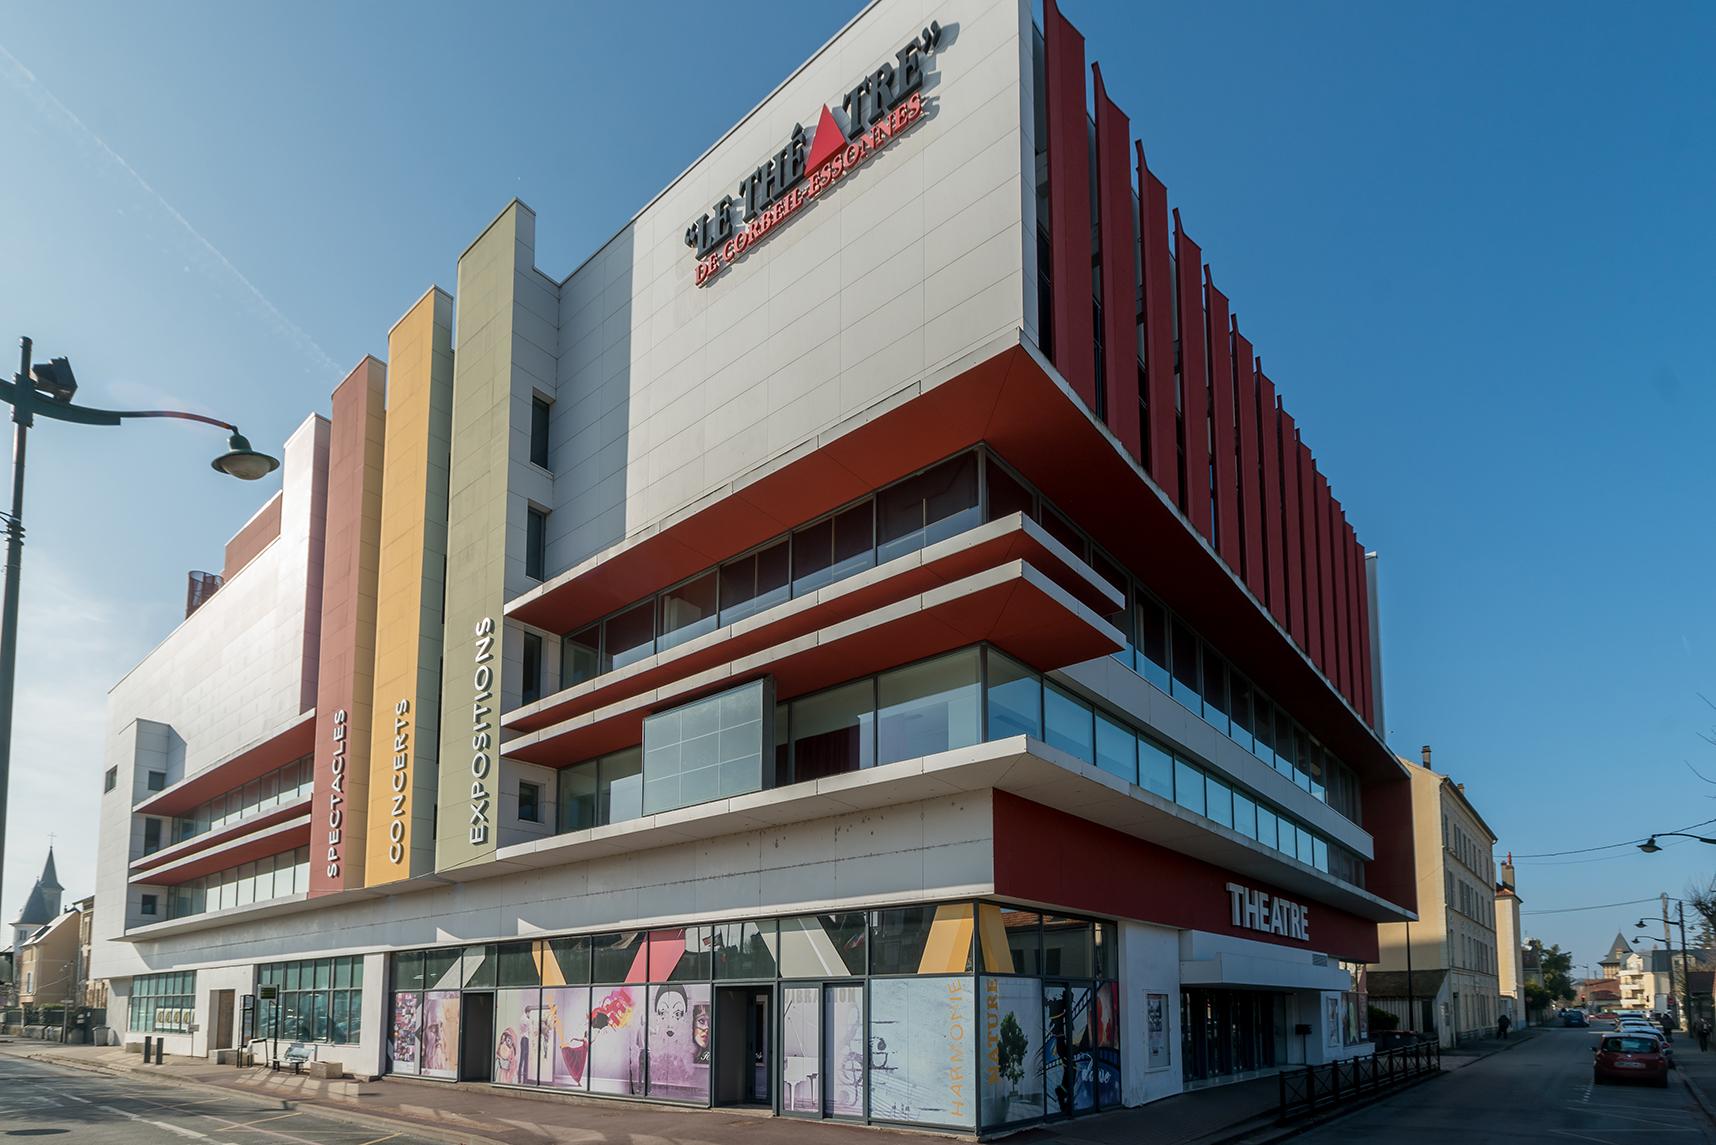 SERTAC Theatre de Corbeille almaphotos-09556_web.jpg